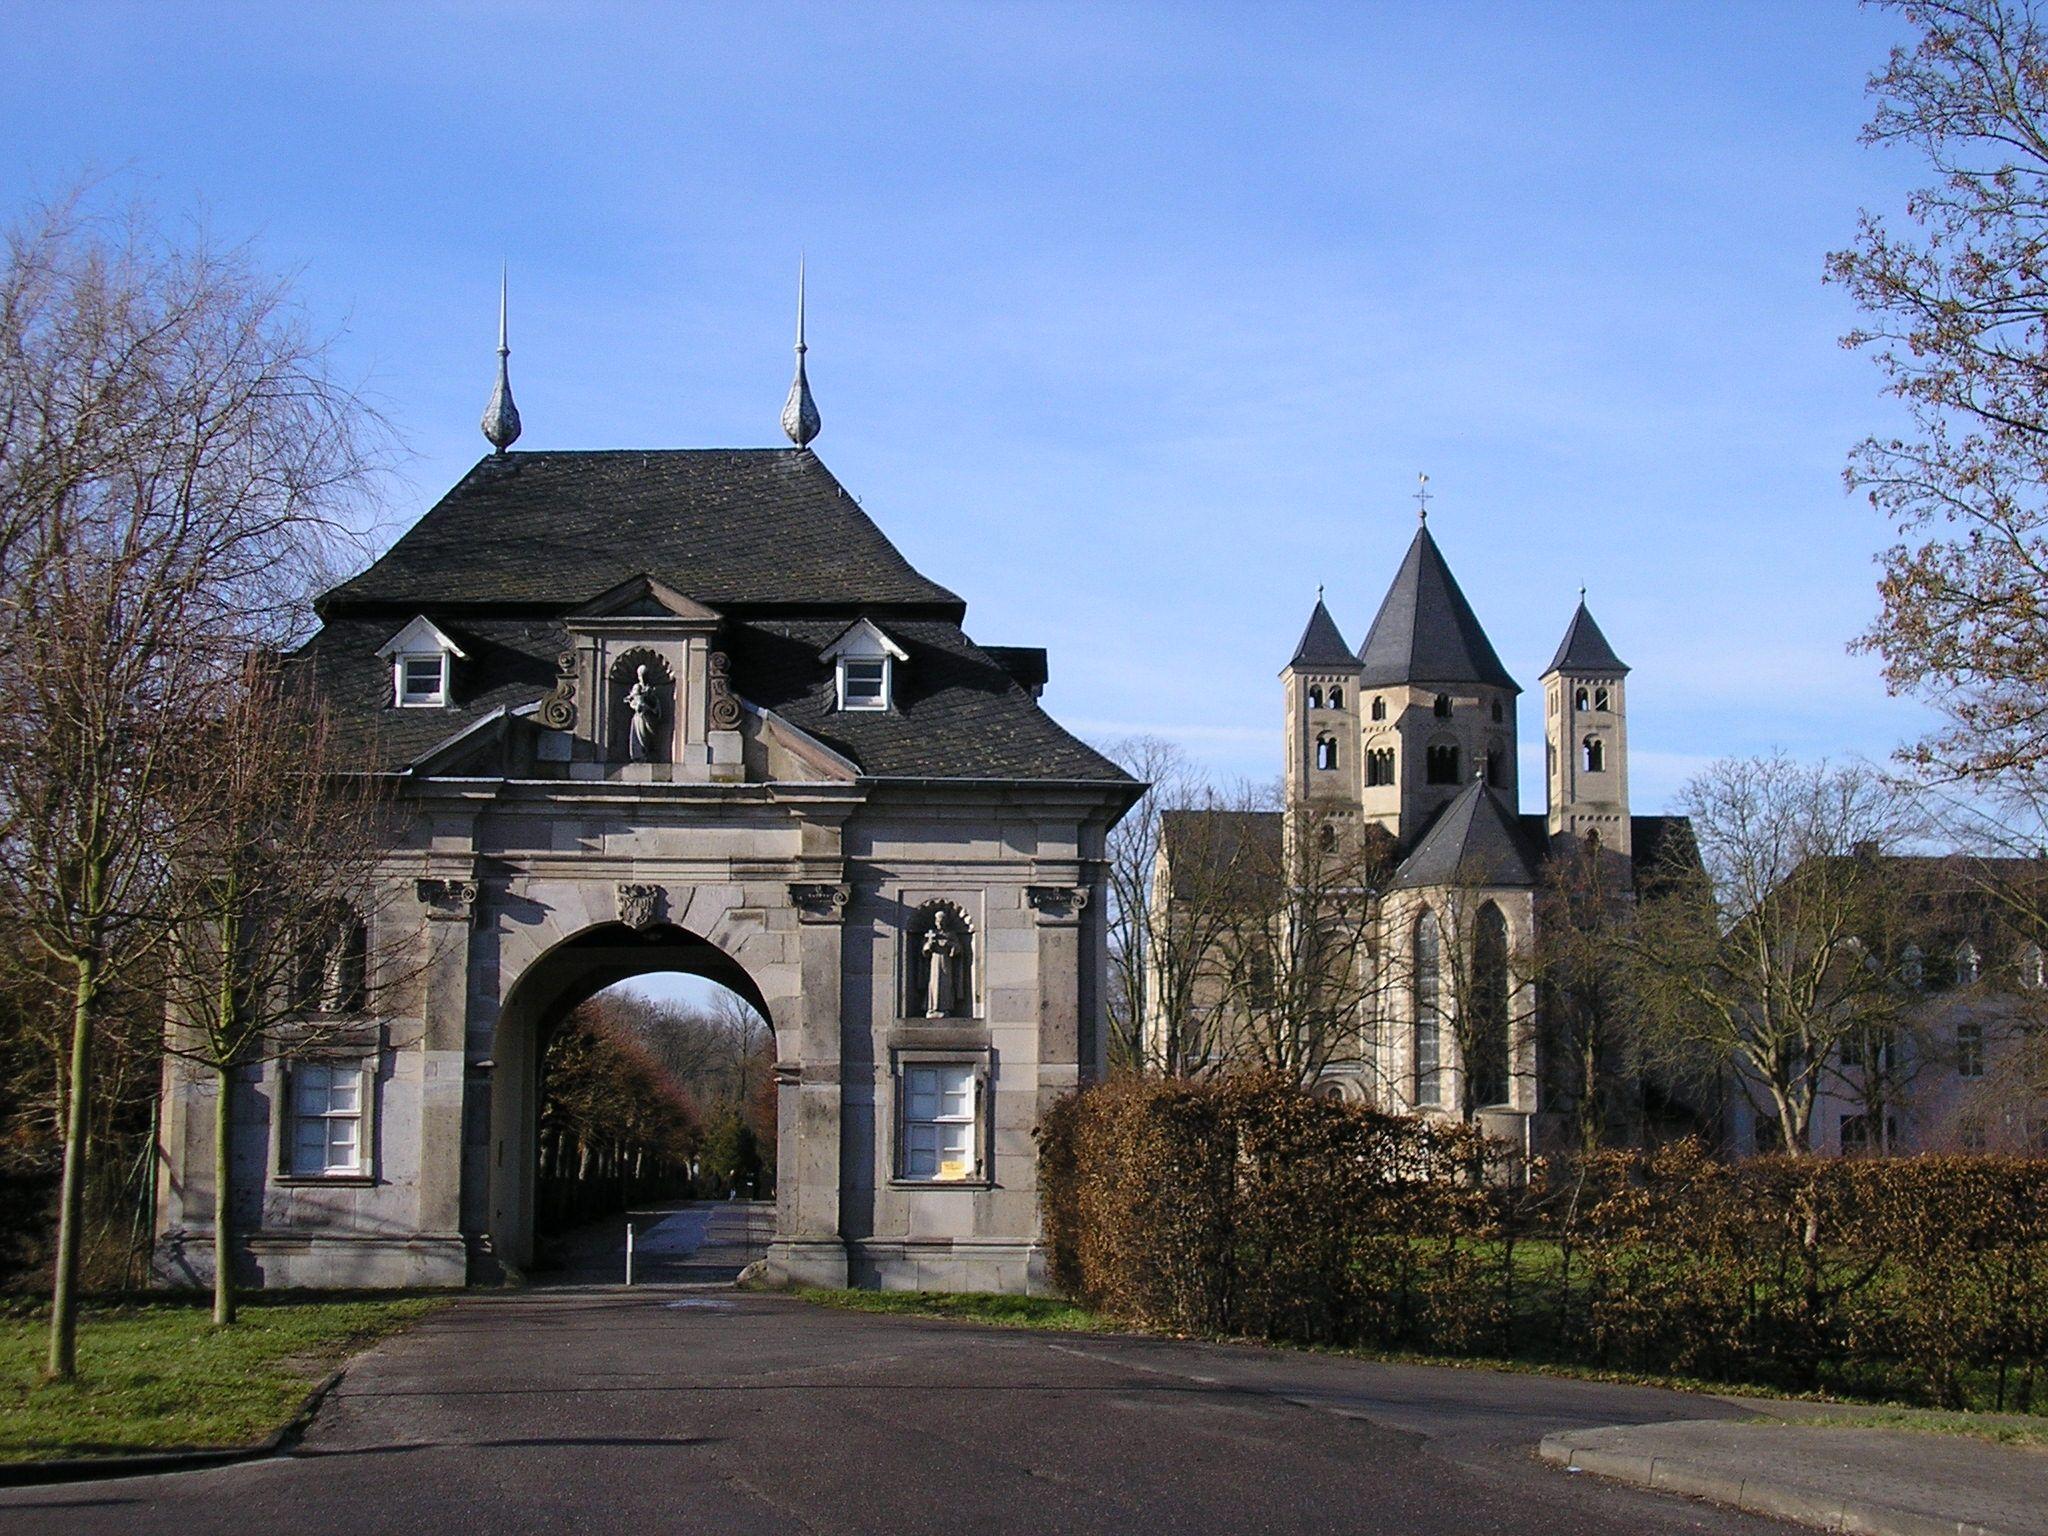 Kloster Knechtsteden1 Jpg 2 048 1 536 Pixel Mit Bildern Kloster